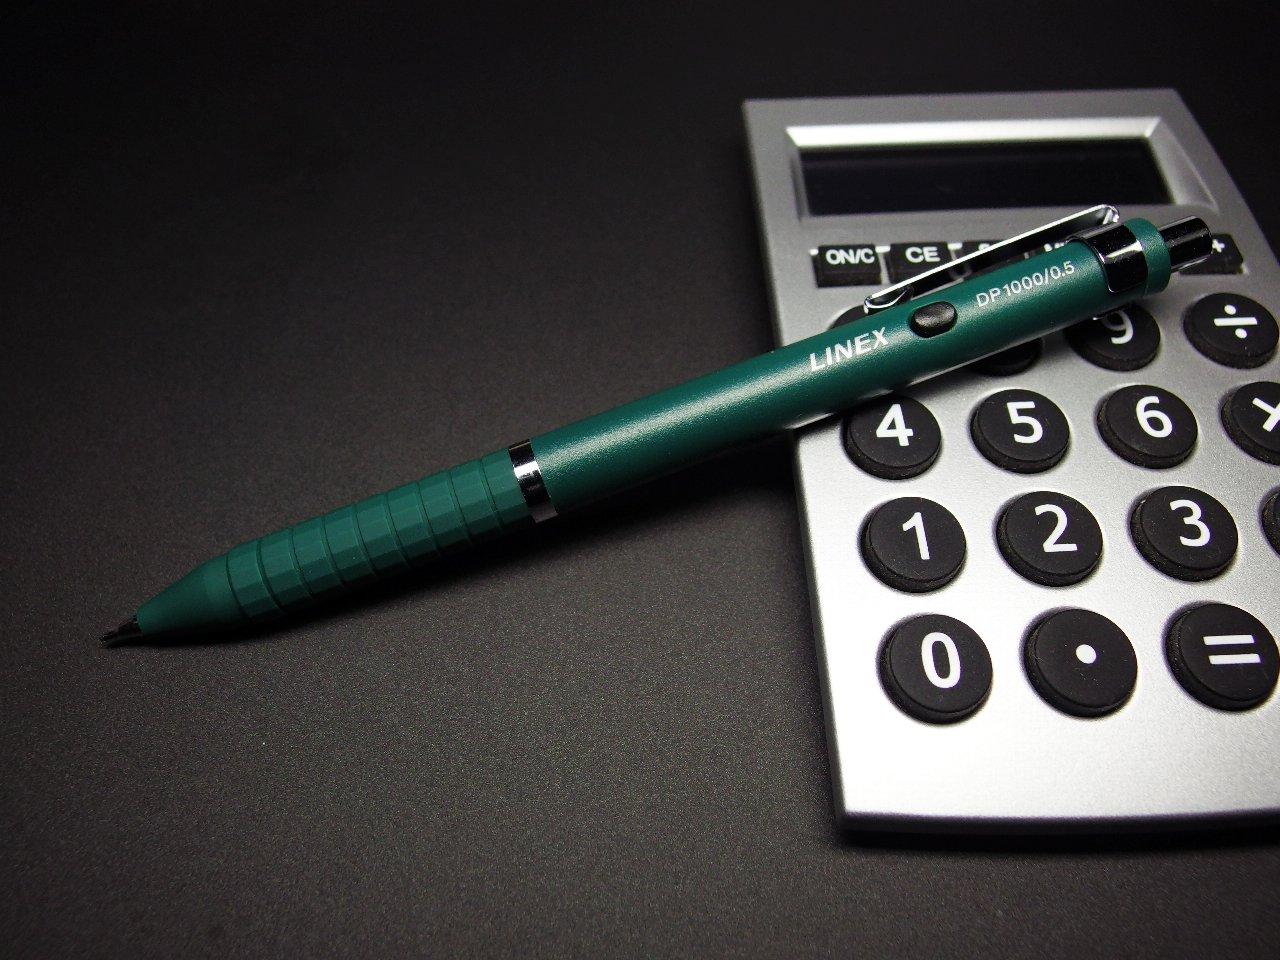 ビジネスマンの製図用シャープ(その18) 「LINEX DP1000」~ 0.3/0.5/0.7/0.9mmm グリーンのみ  軸径(本軸部実測):9.3mm 重量(実測):9.1g 1,500円(税抜き)